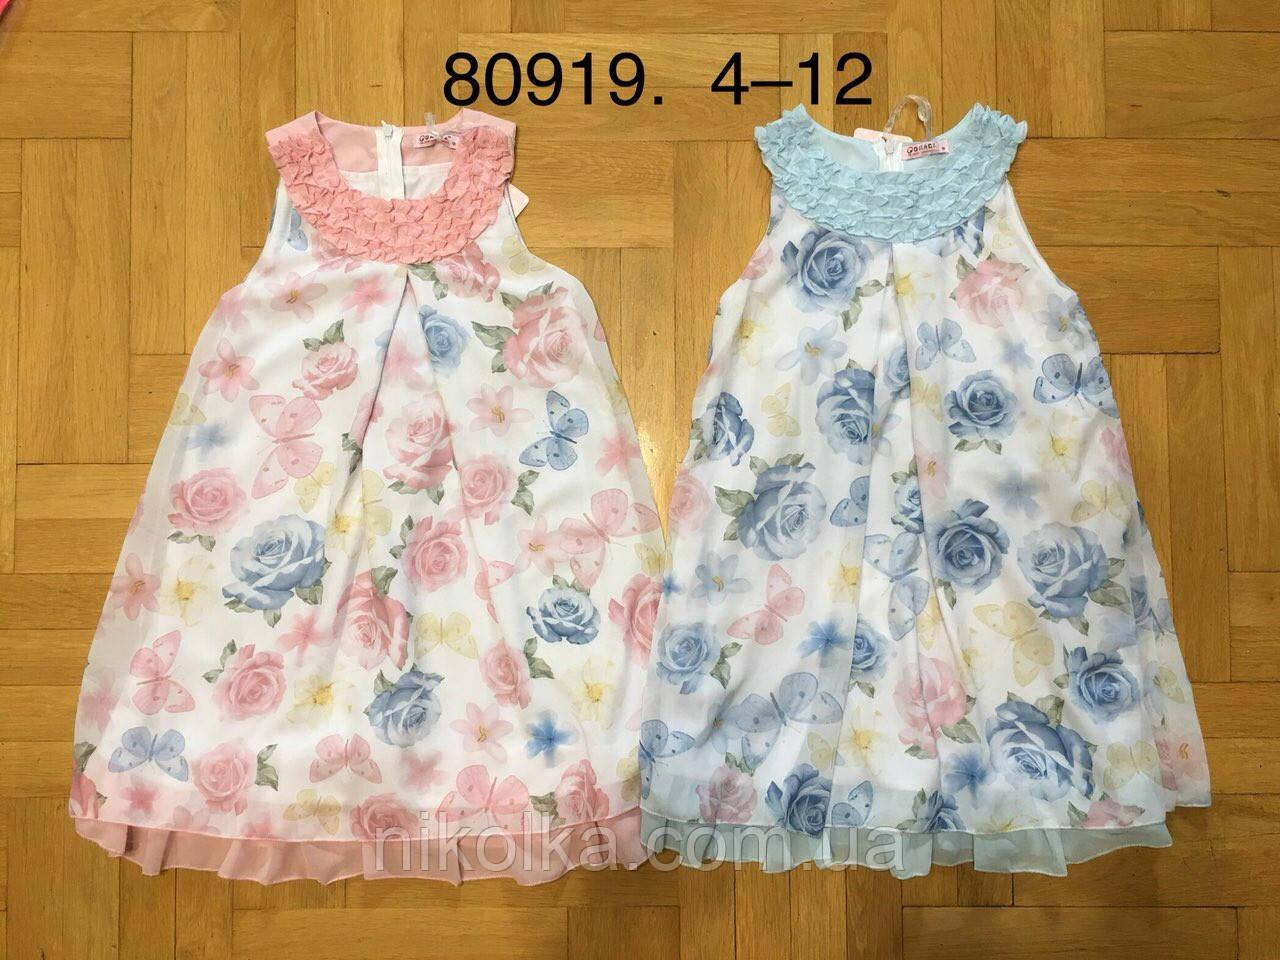 Платье для девочек оптом, Grace,4-12 лет., арт.G80919